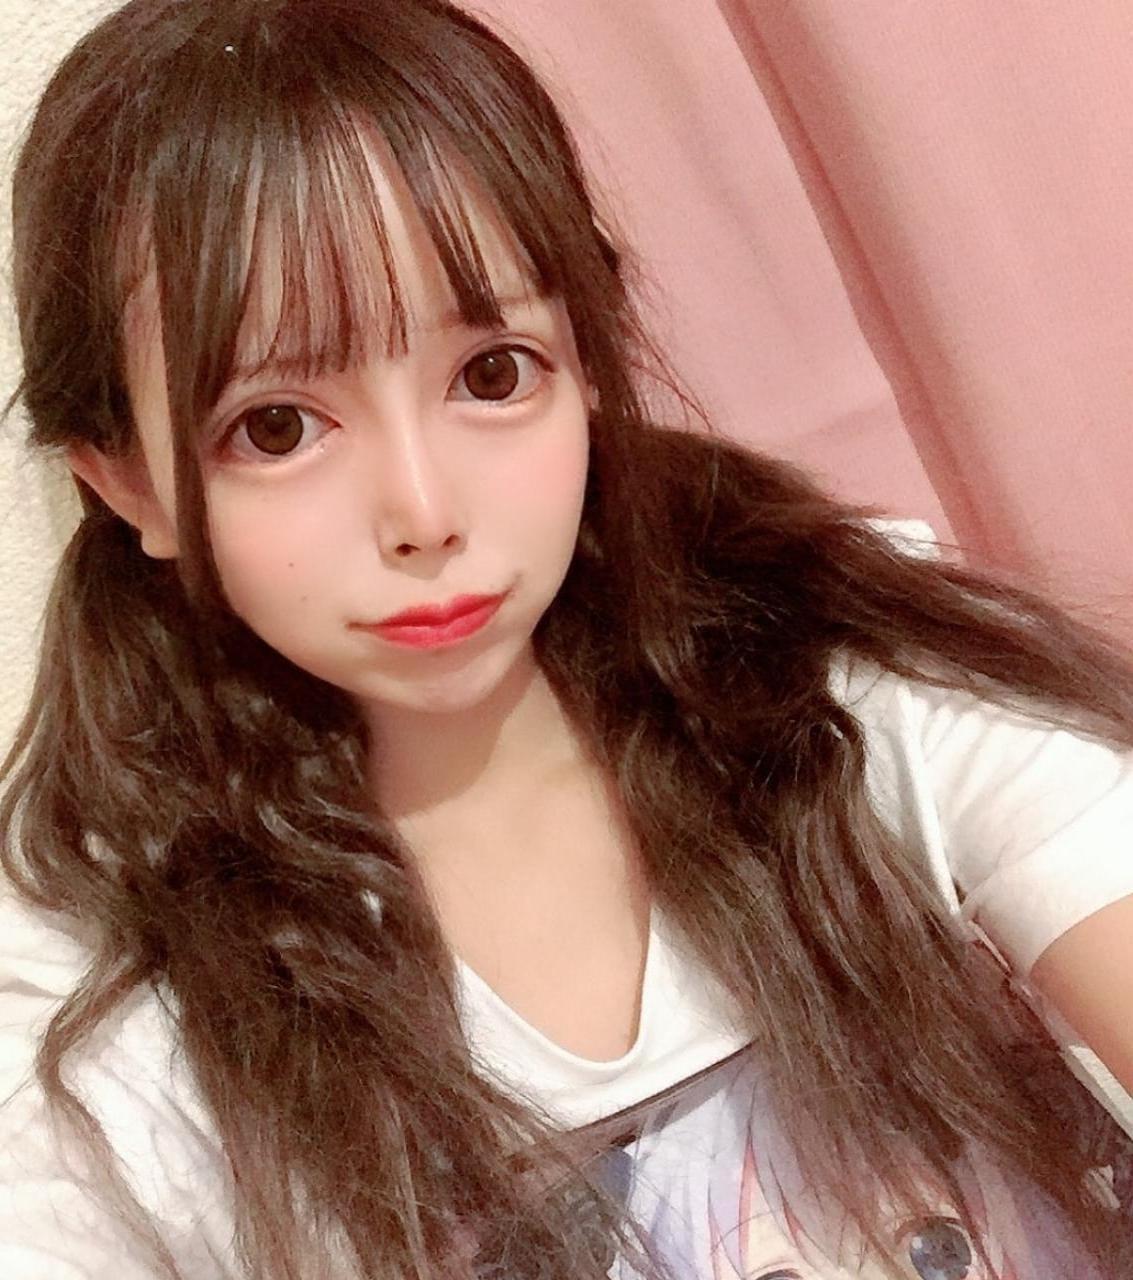 「明日?」08/21(08/21) 22:38   朝倉ゆうの写メ・風俗動画